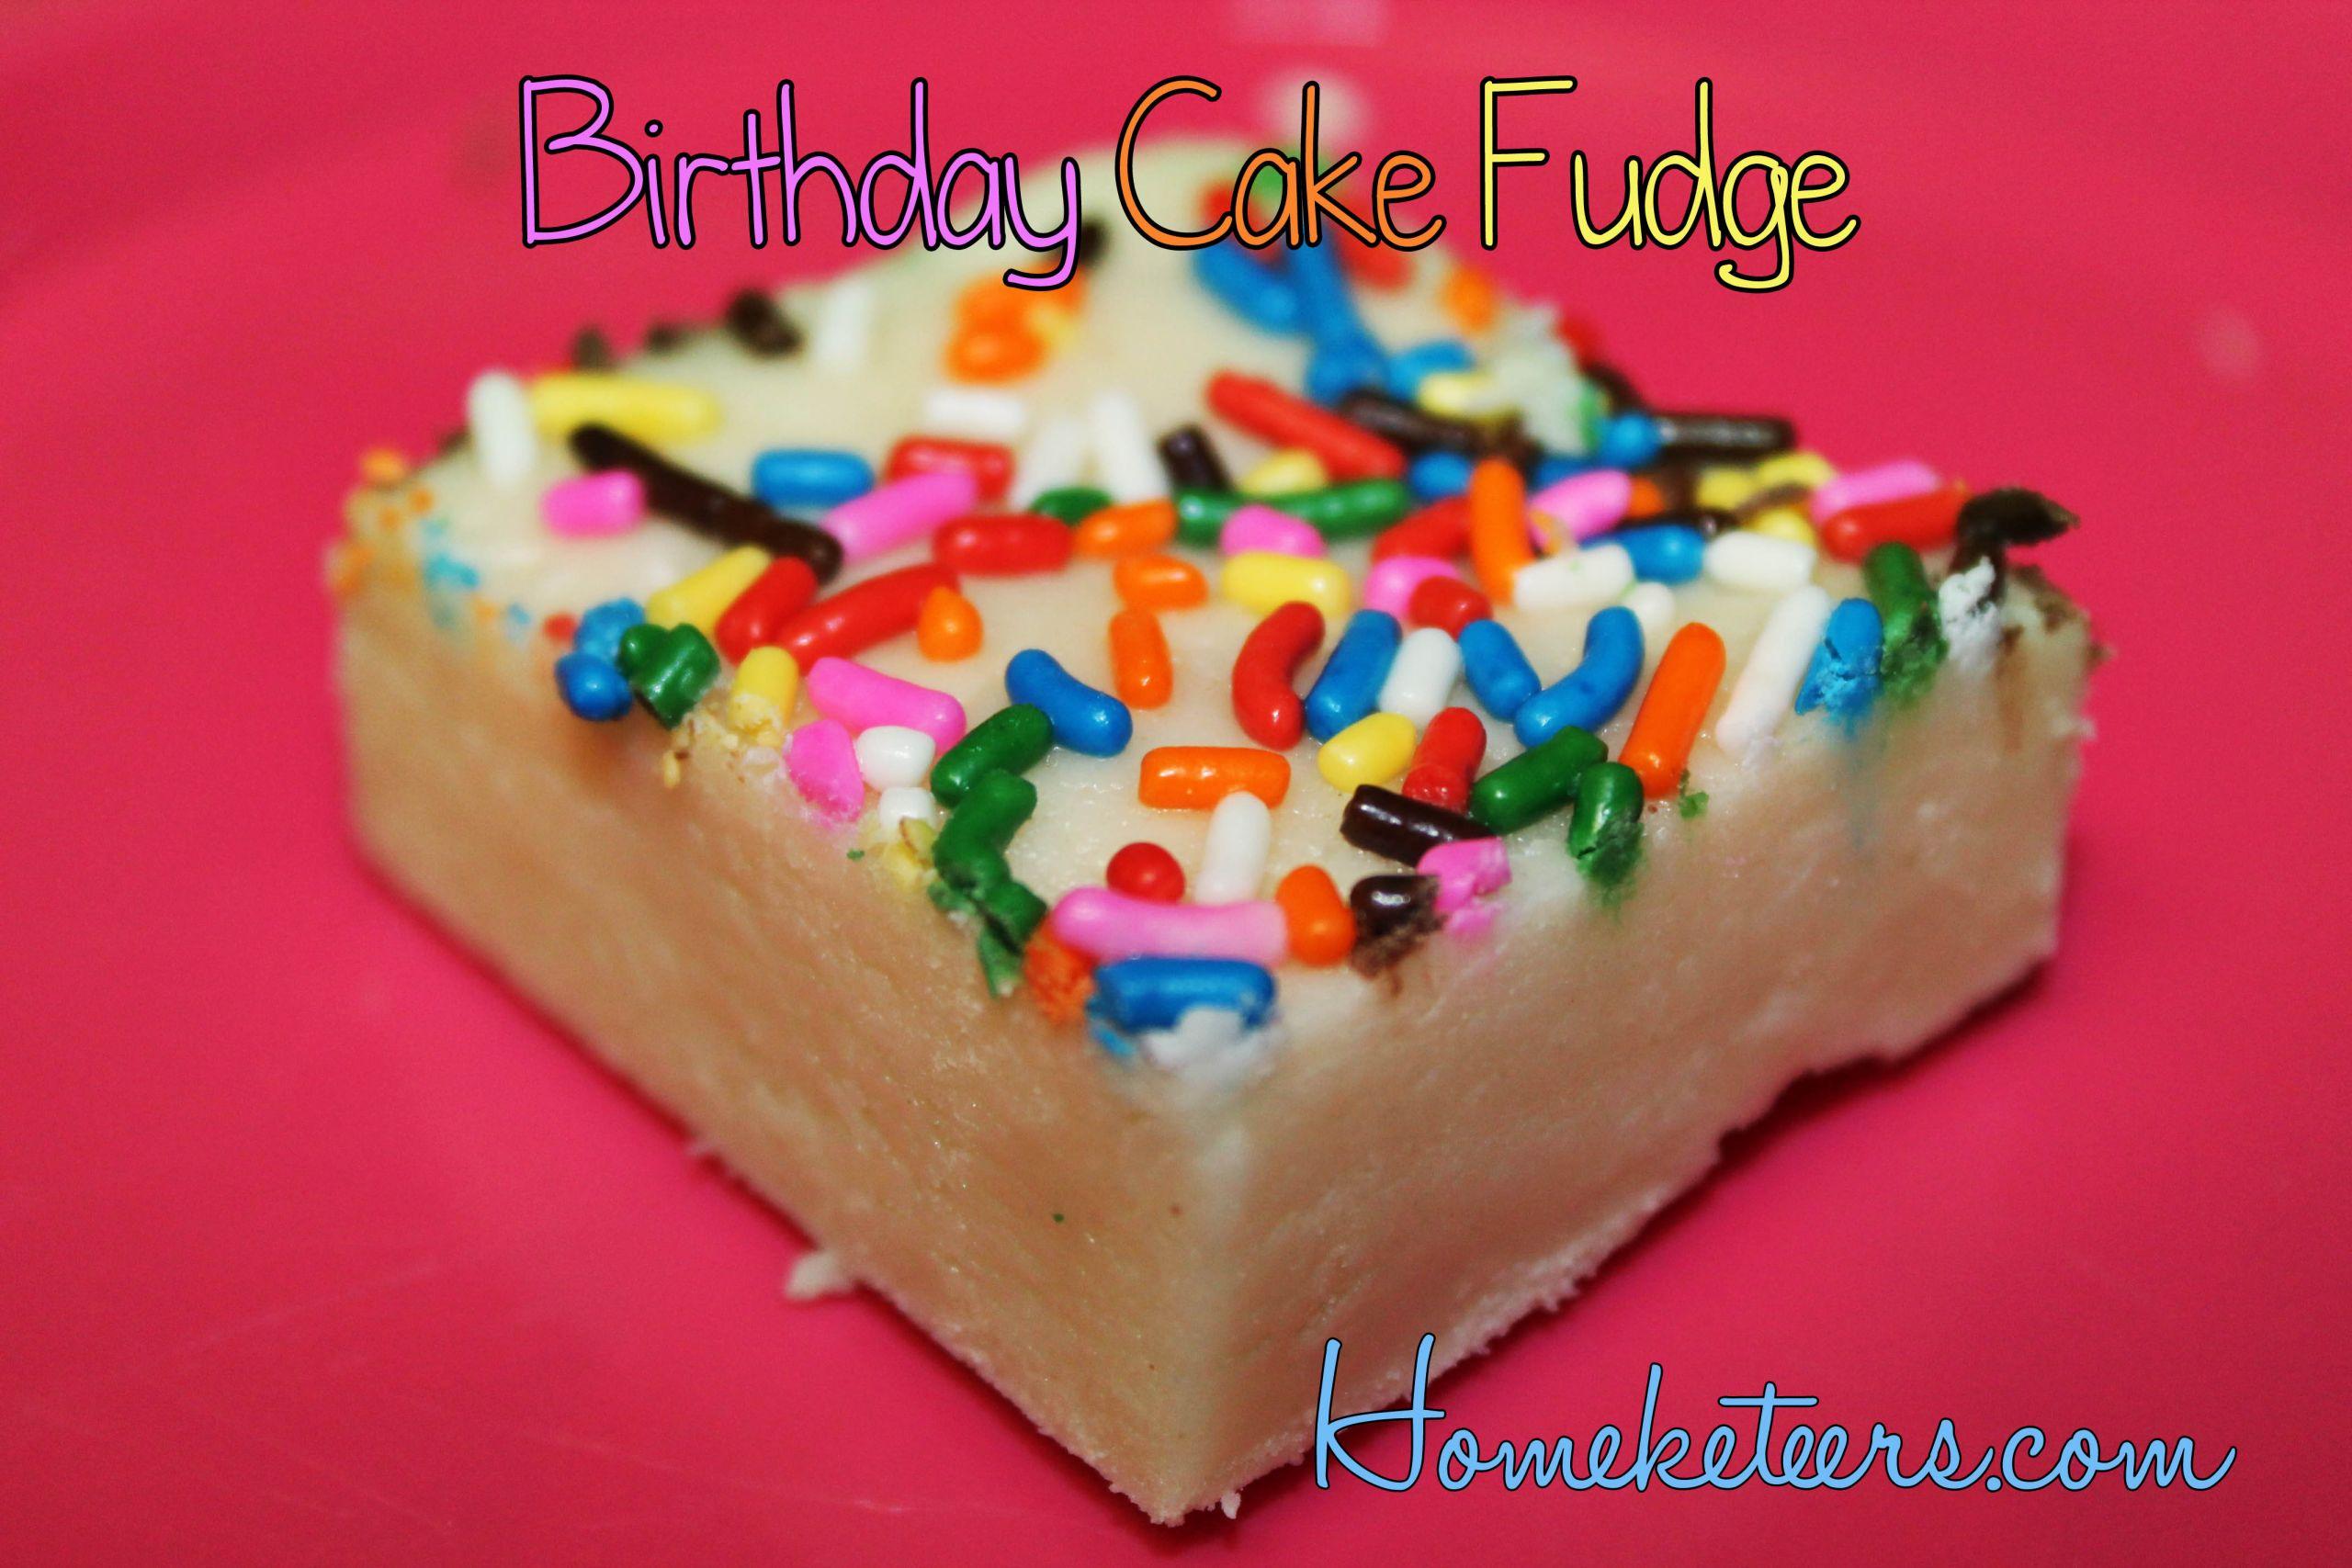 Birthday Cake Fudge  Birthday Cake Fudge